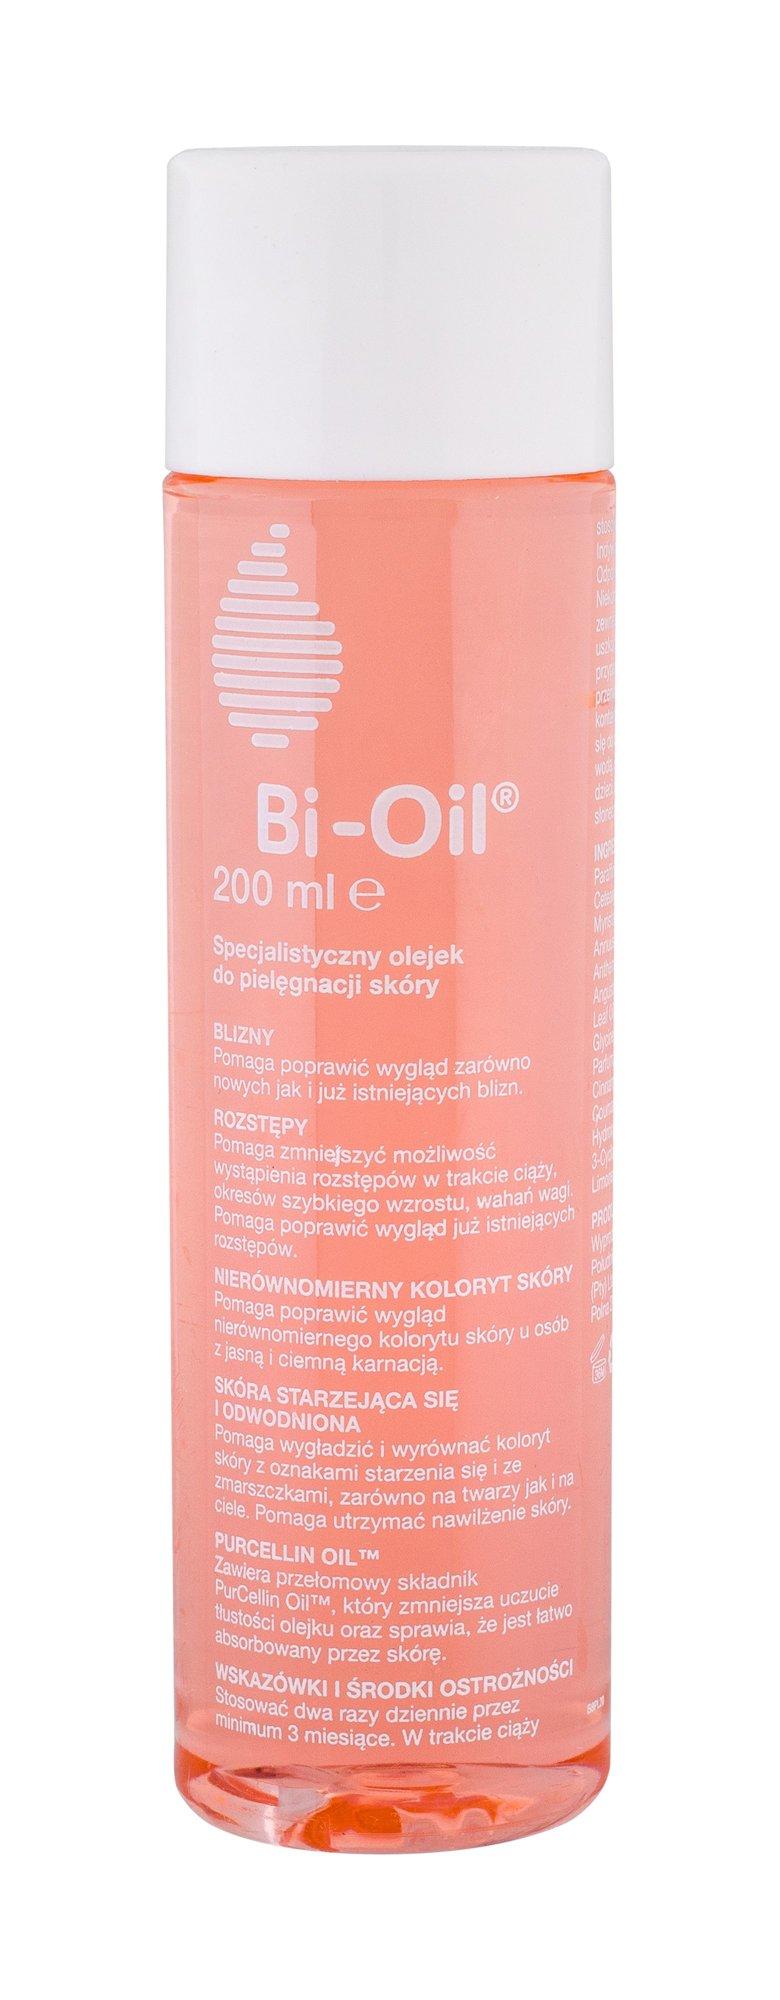 Bi-Oil PurCellin Oil Cosmetic 200ml